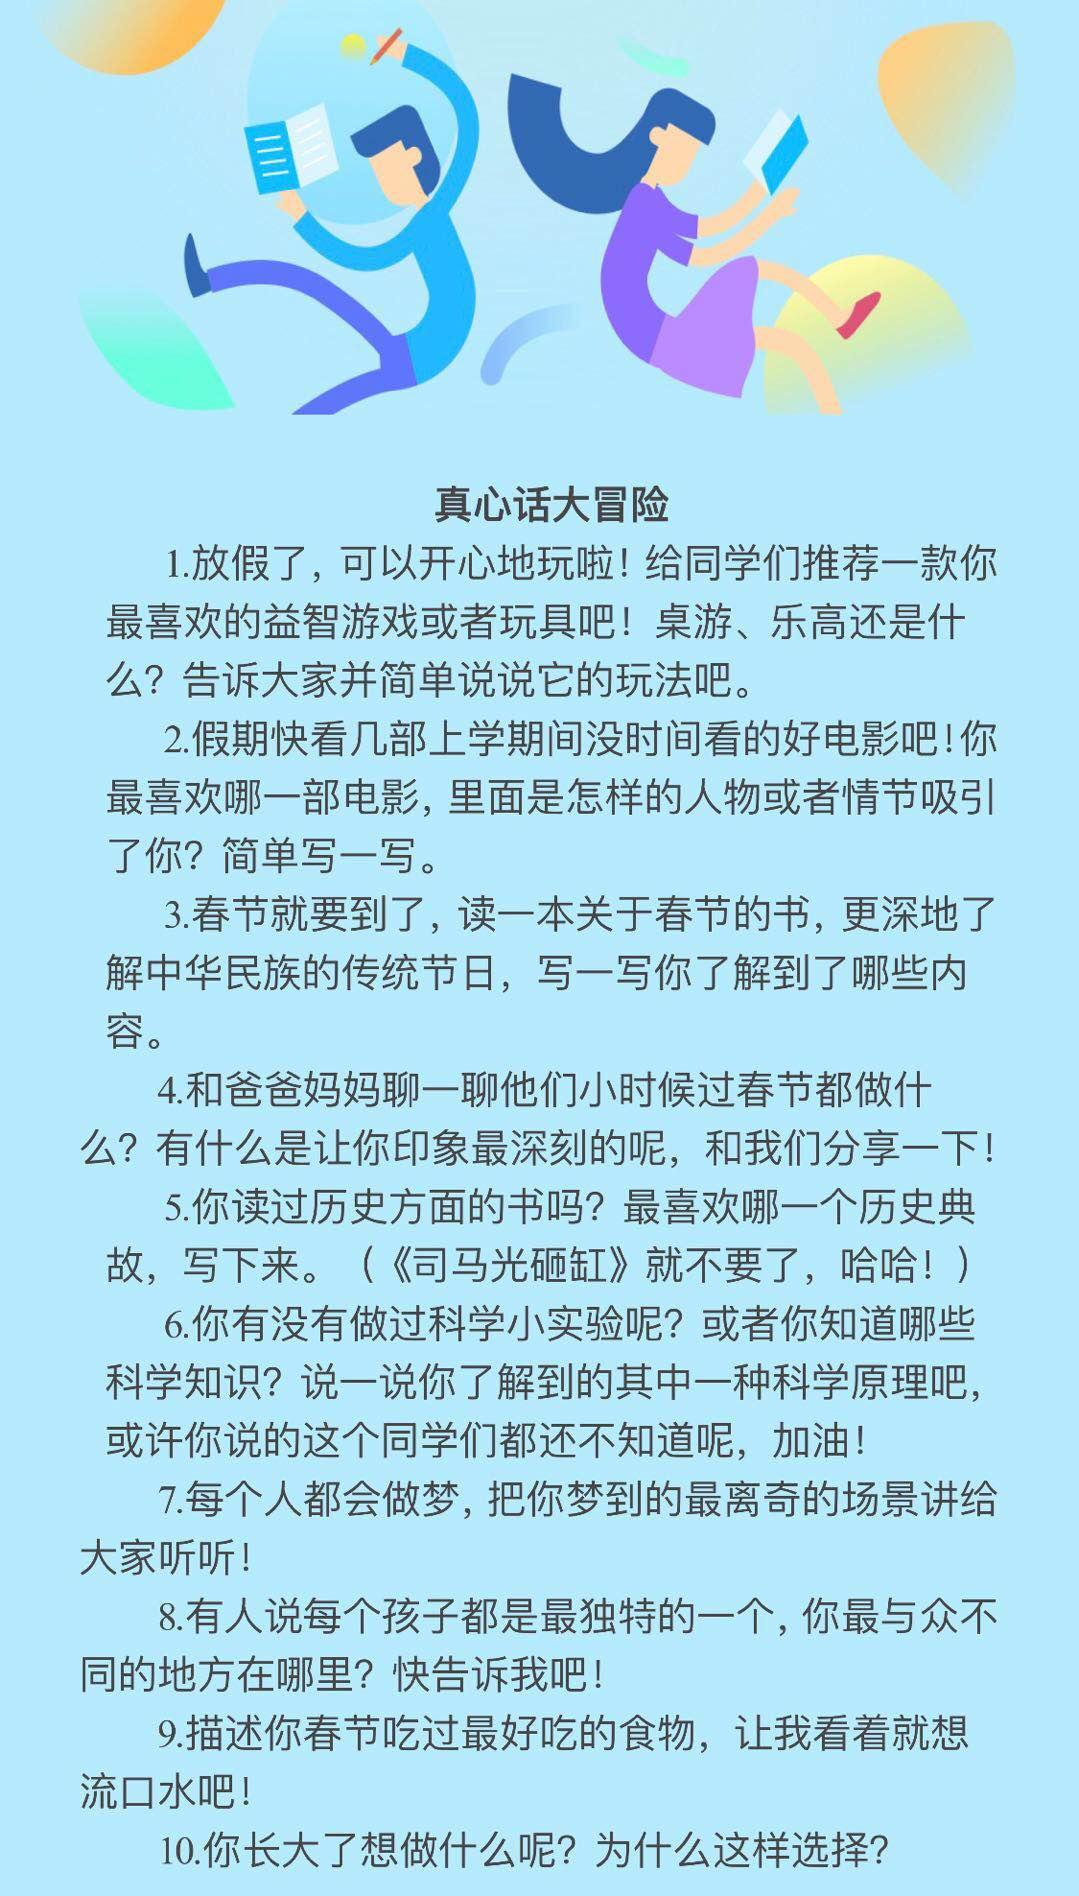 真心话大冒险-寒假个性化作业.docx